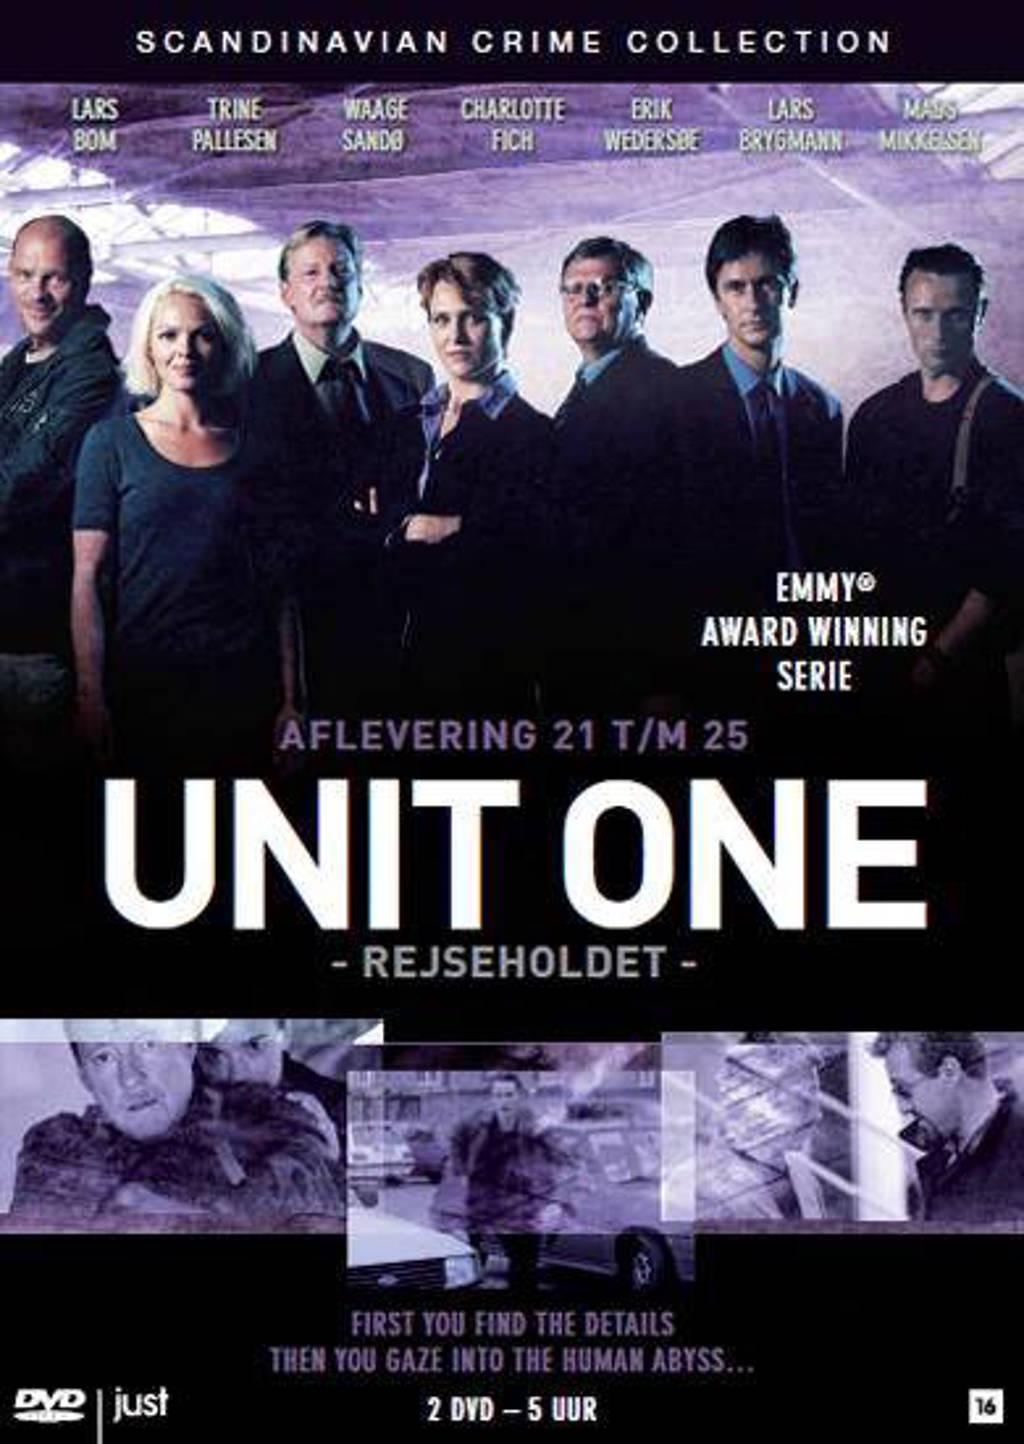 Unit one (Rejseholdet) - afl. 21-25 (DVD)